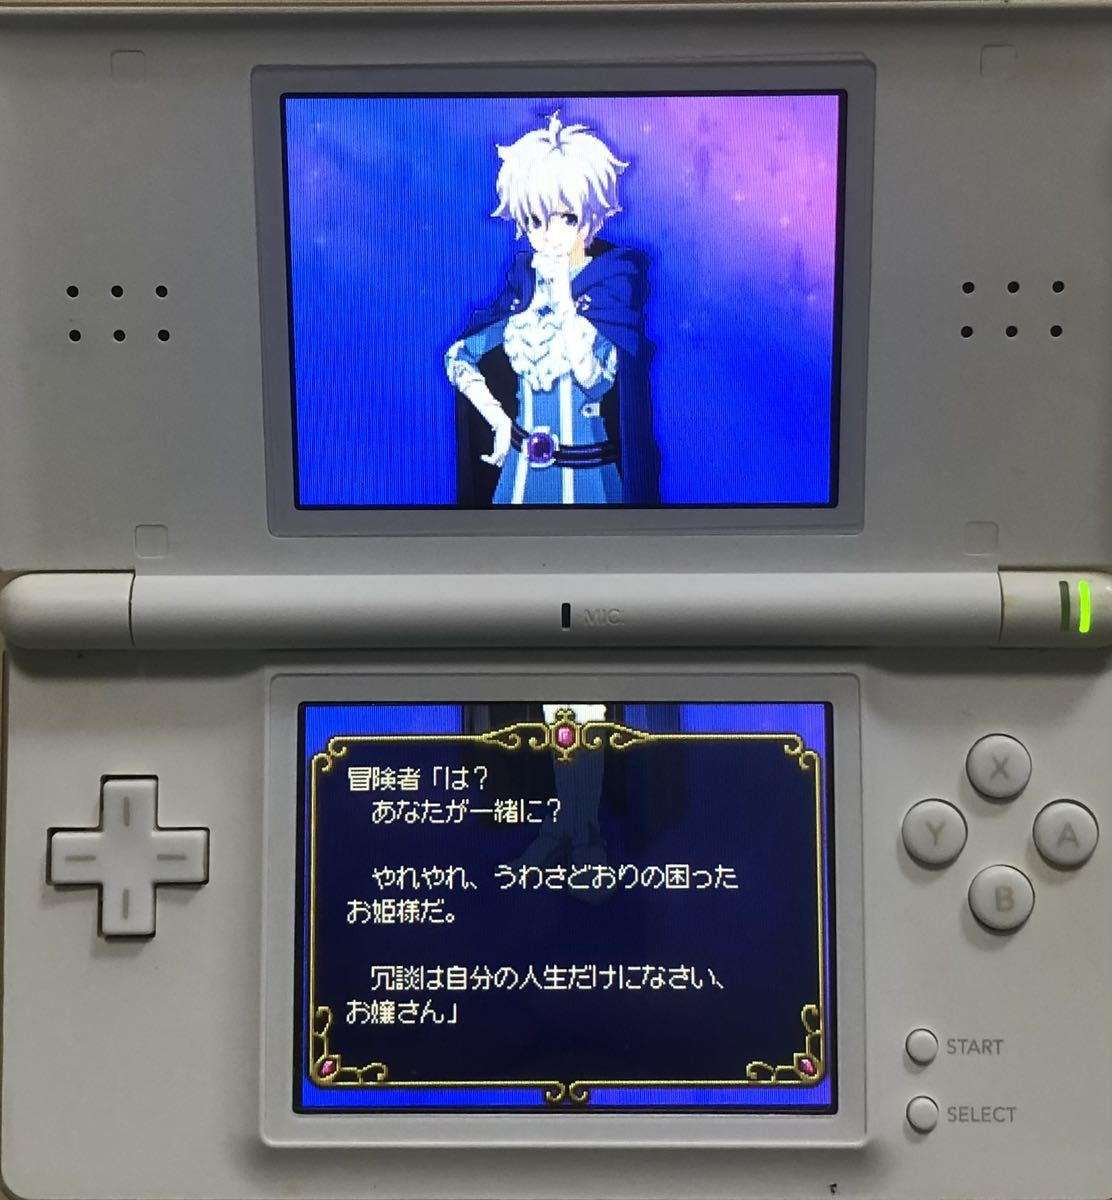 【動作良好】 DS 世界はあたしでまわってる ニンテンドーDS NINTENDO ゲームソフト カセット *動作確認画像有り